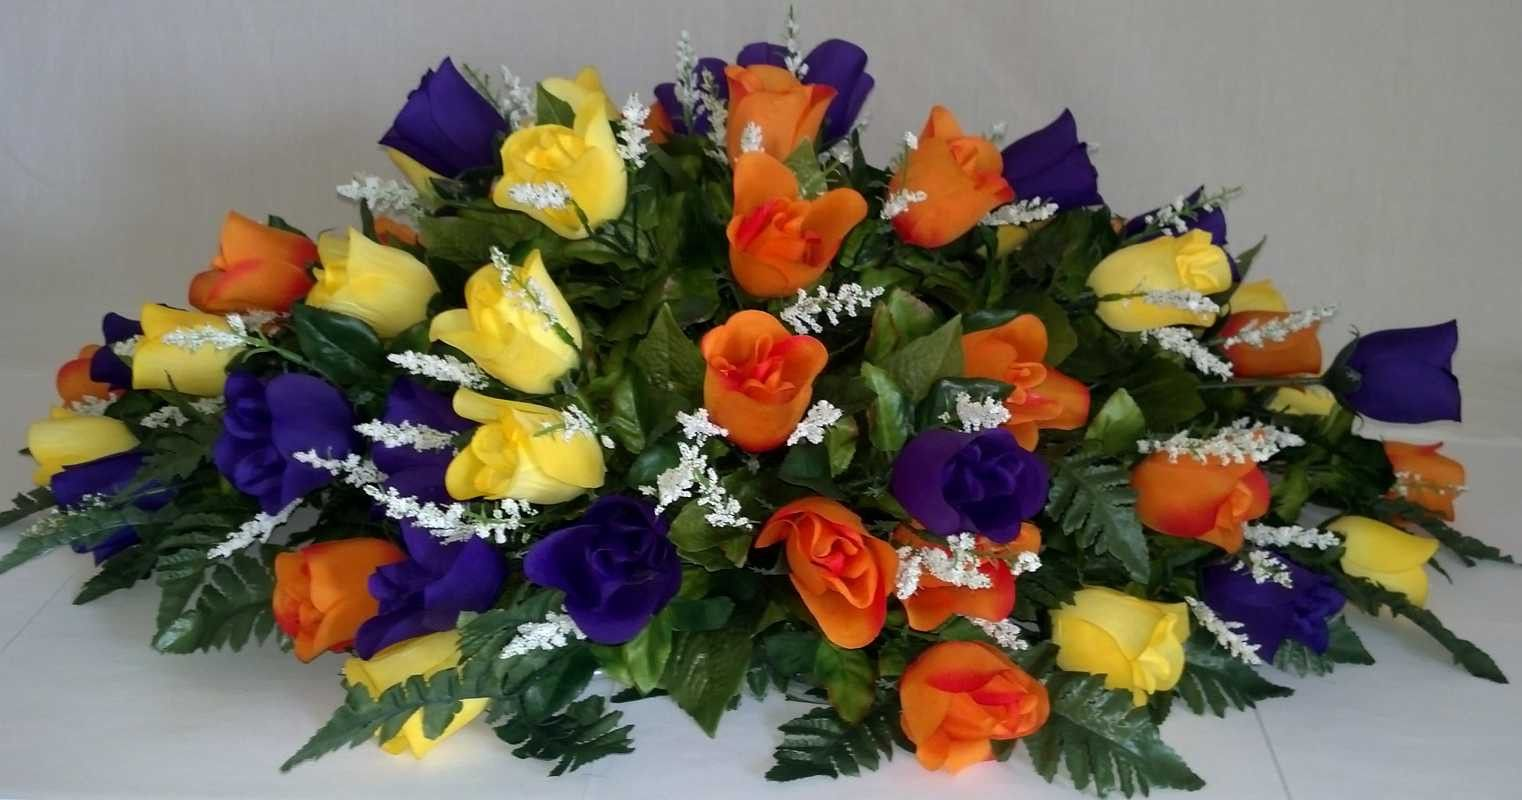 Premium Rosebud Spray With Orange Yellow And Purple Flowers Sprays